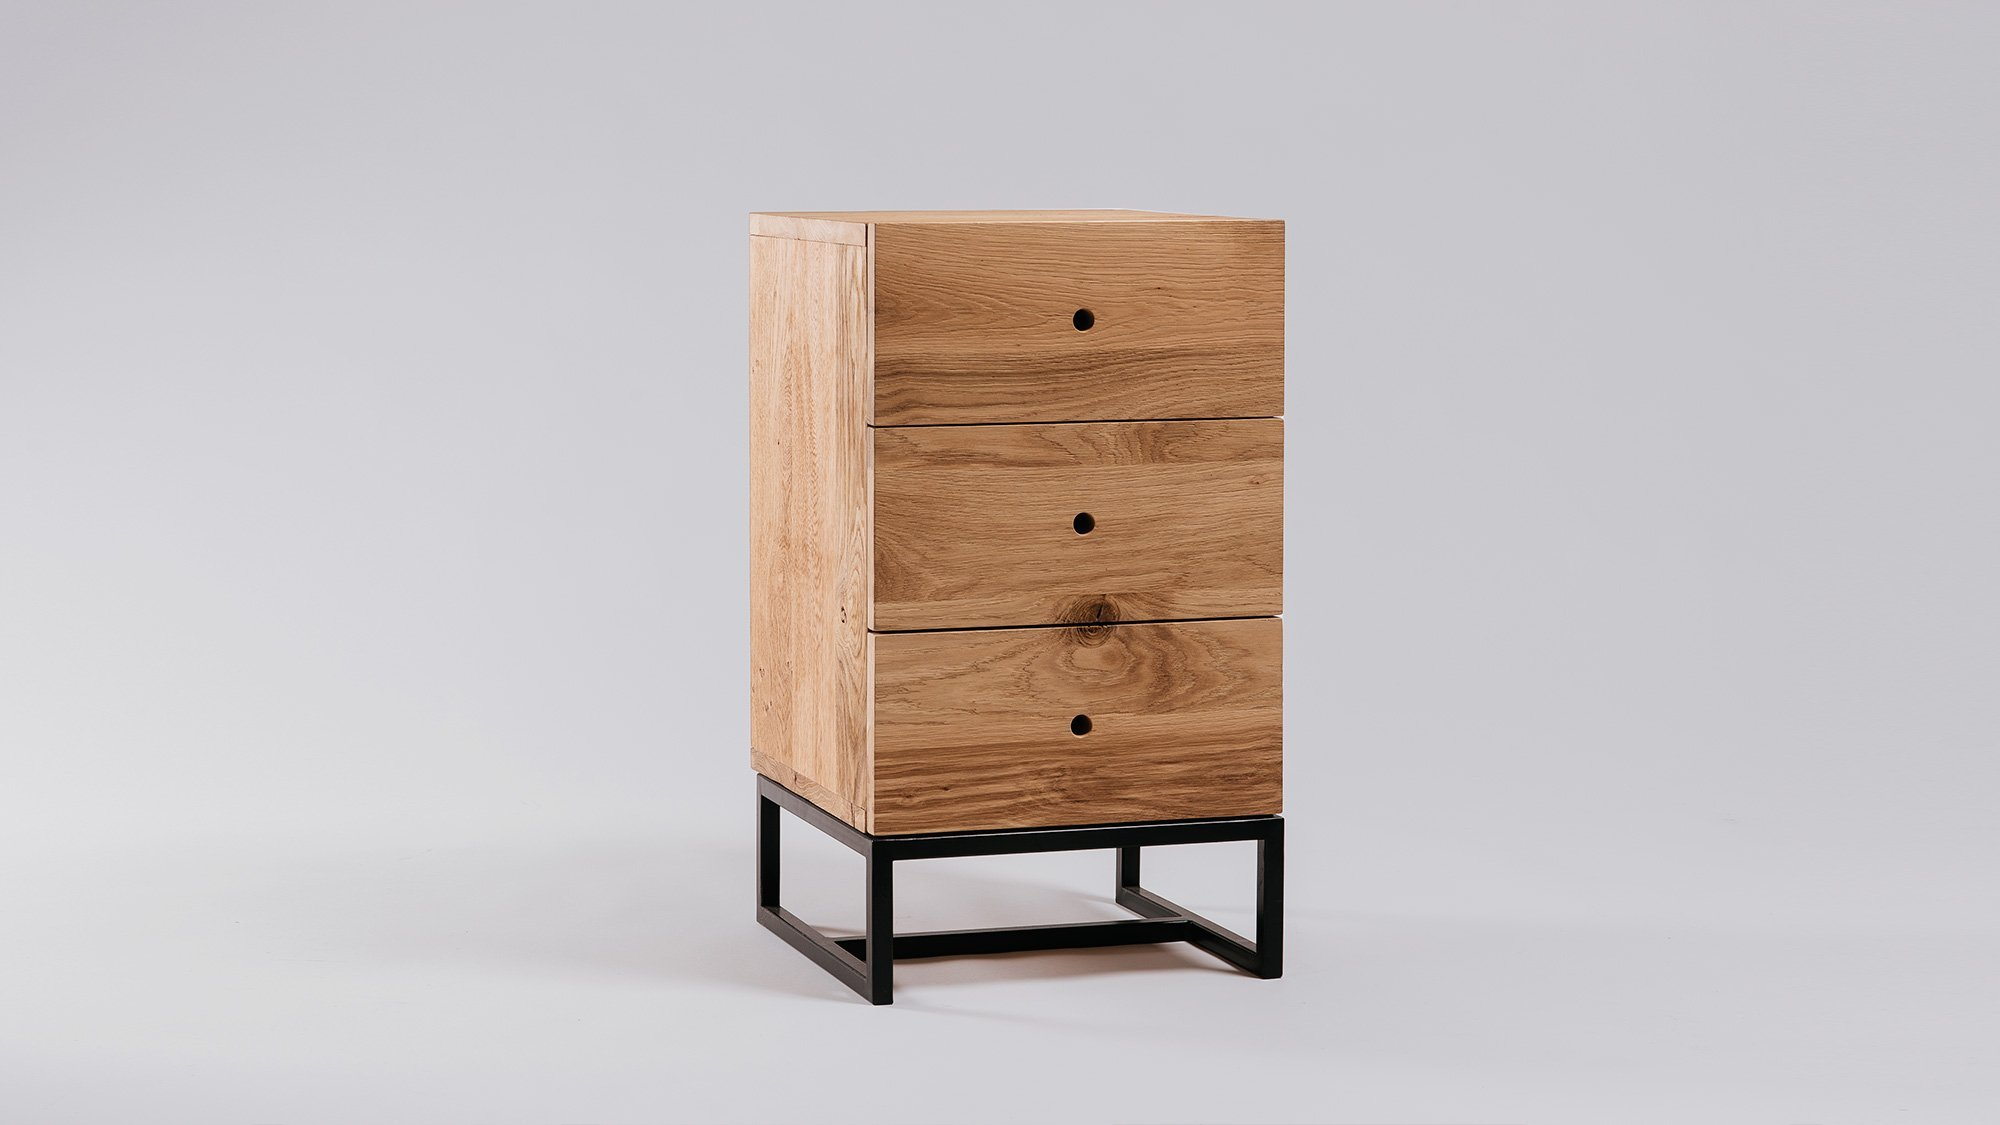 Muebles a medida muebles de dise o bois et fer for Diseno de muebles de hierro